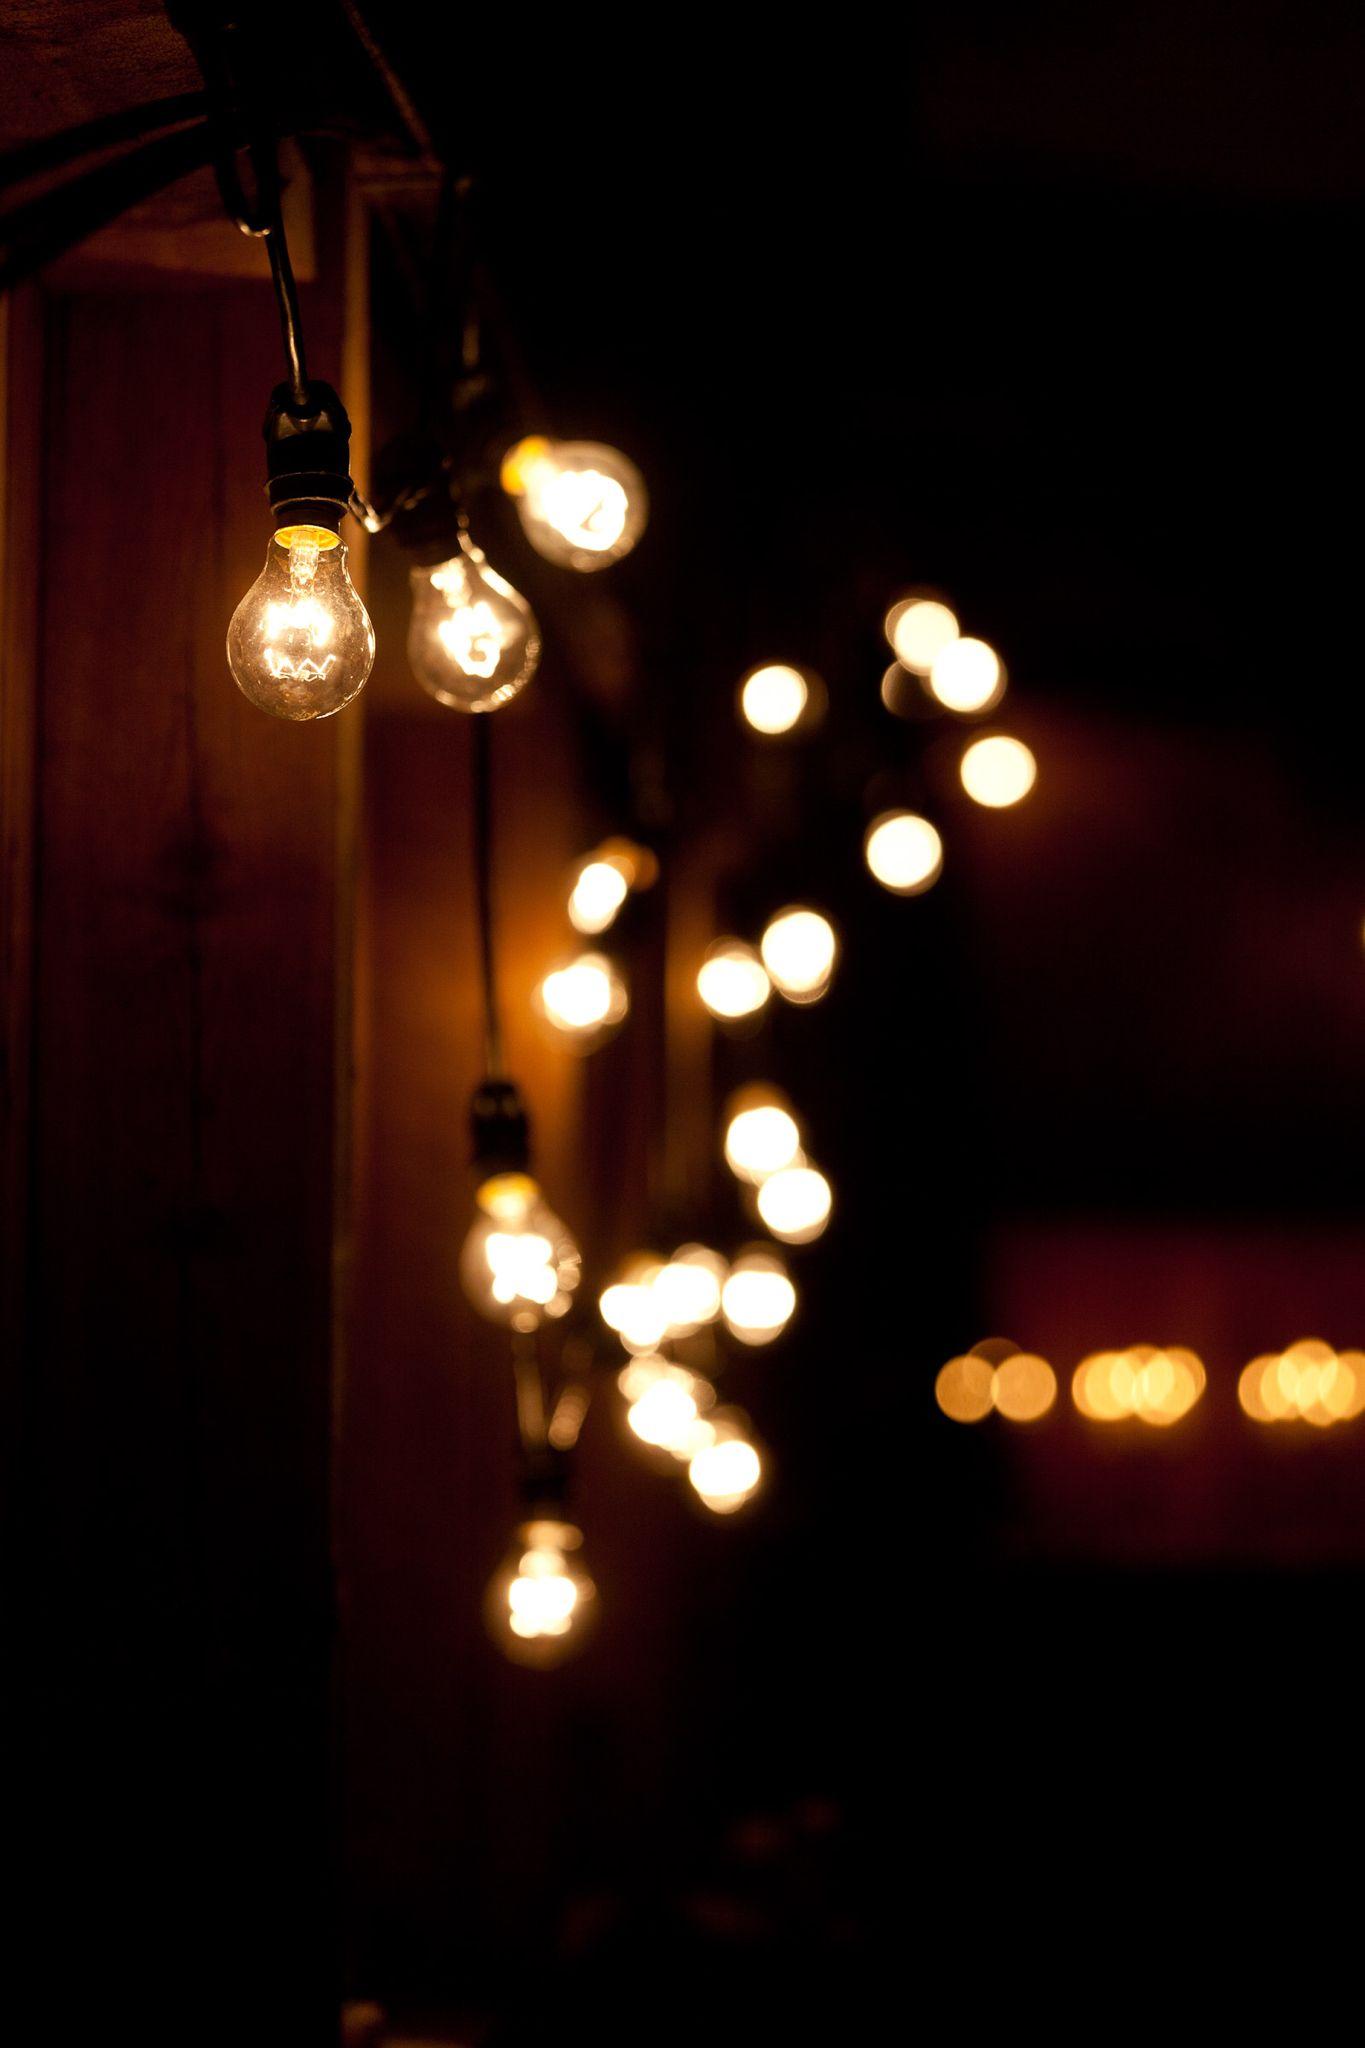 Aesthetic Led Lights Wallpaper